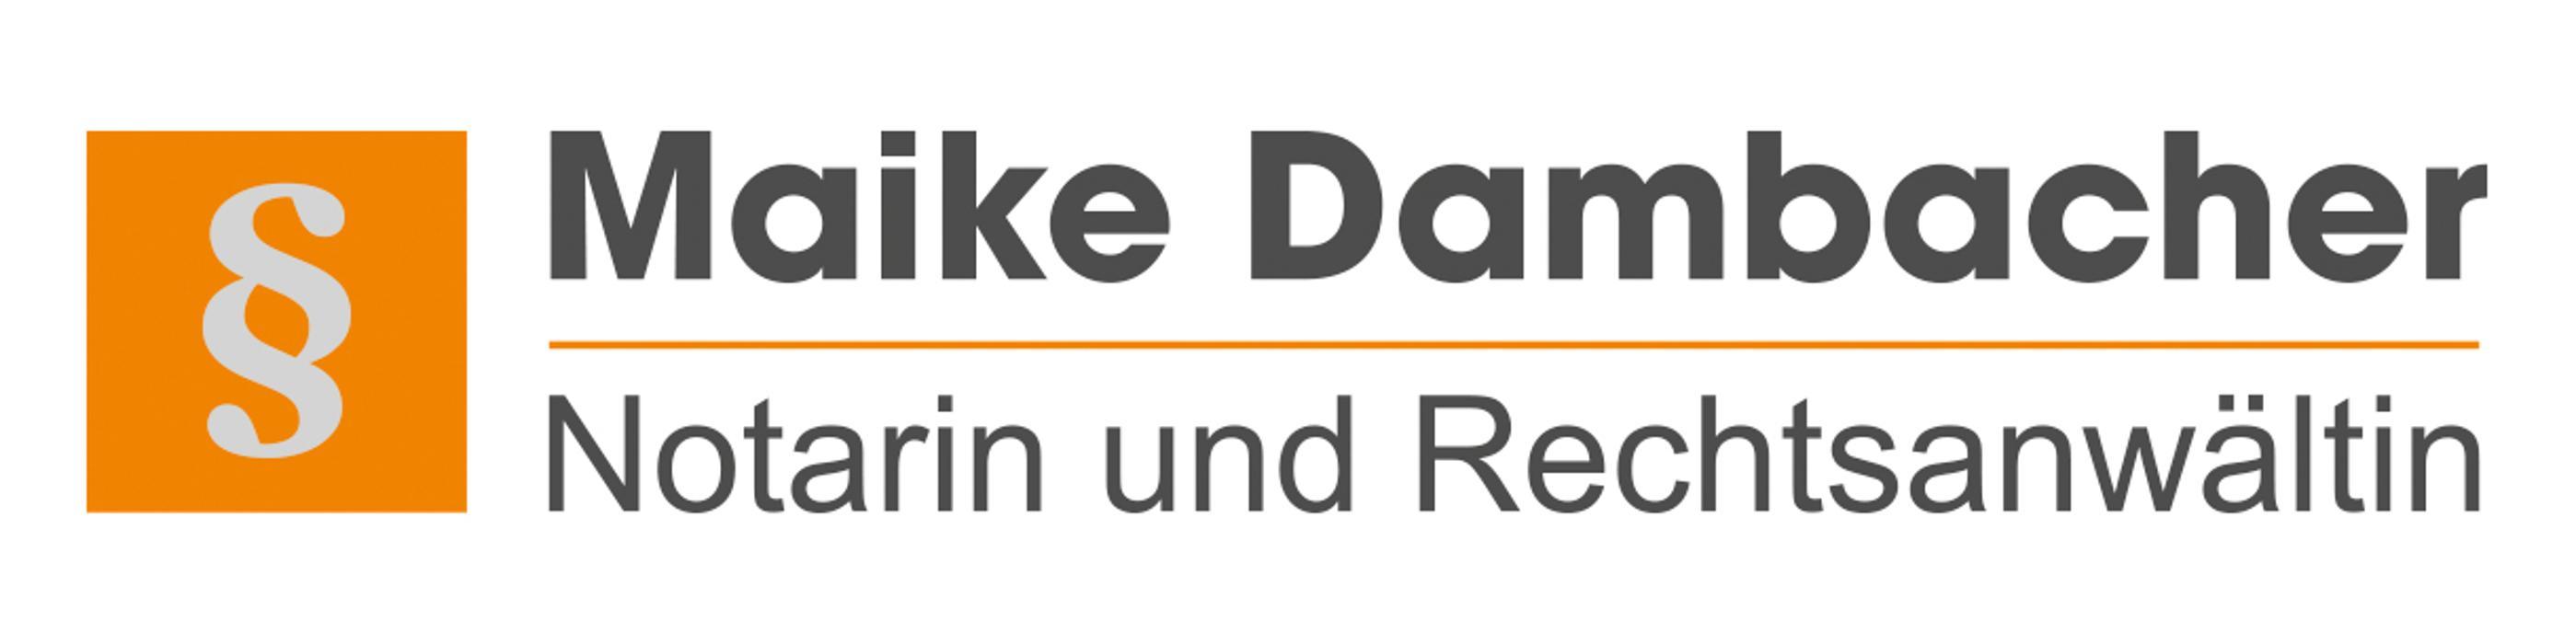 Bild zu Maike Dambacher, Notarin und Rechtsanwältin in Seligenstadt